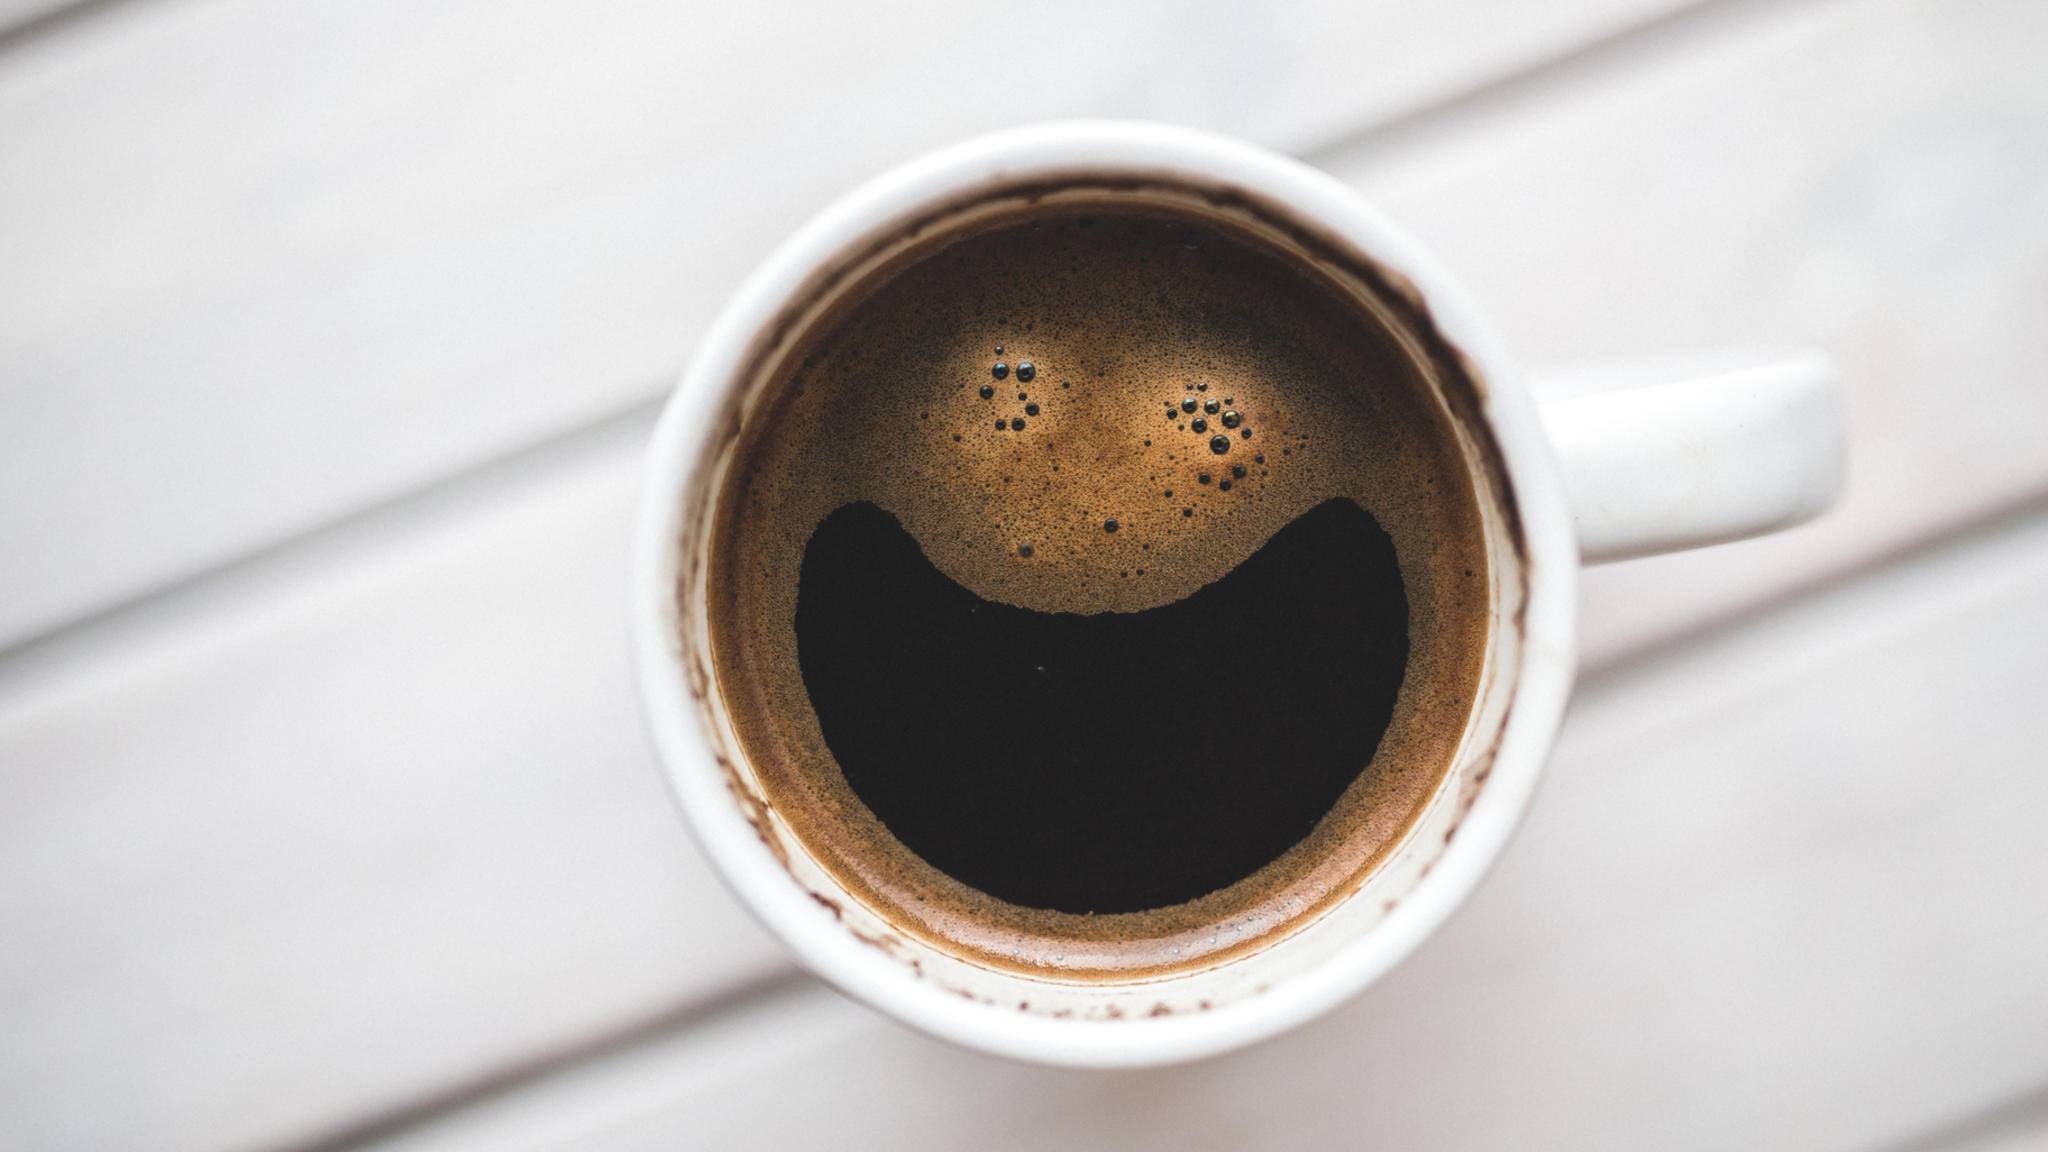 Geschenke rund um ihren Lieblingstrunk machen Kaffee-Junkies glücklich.